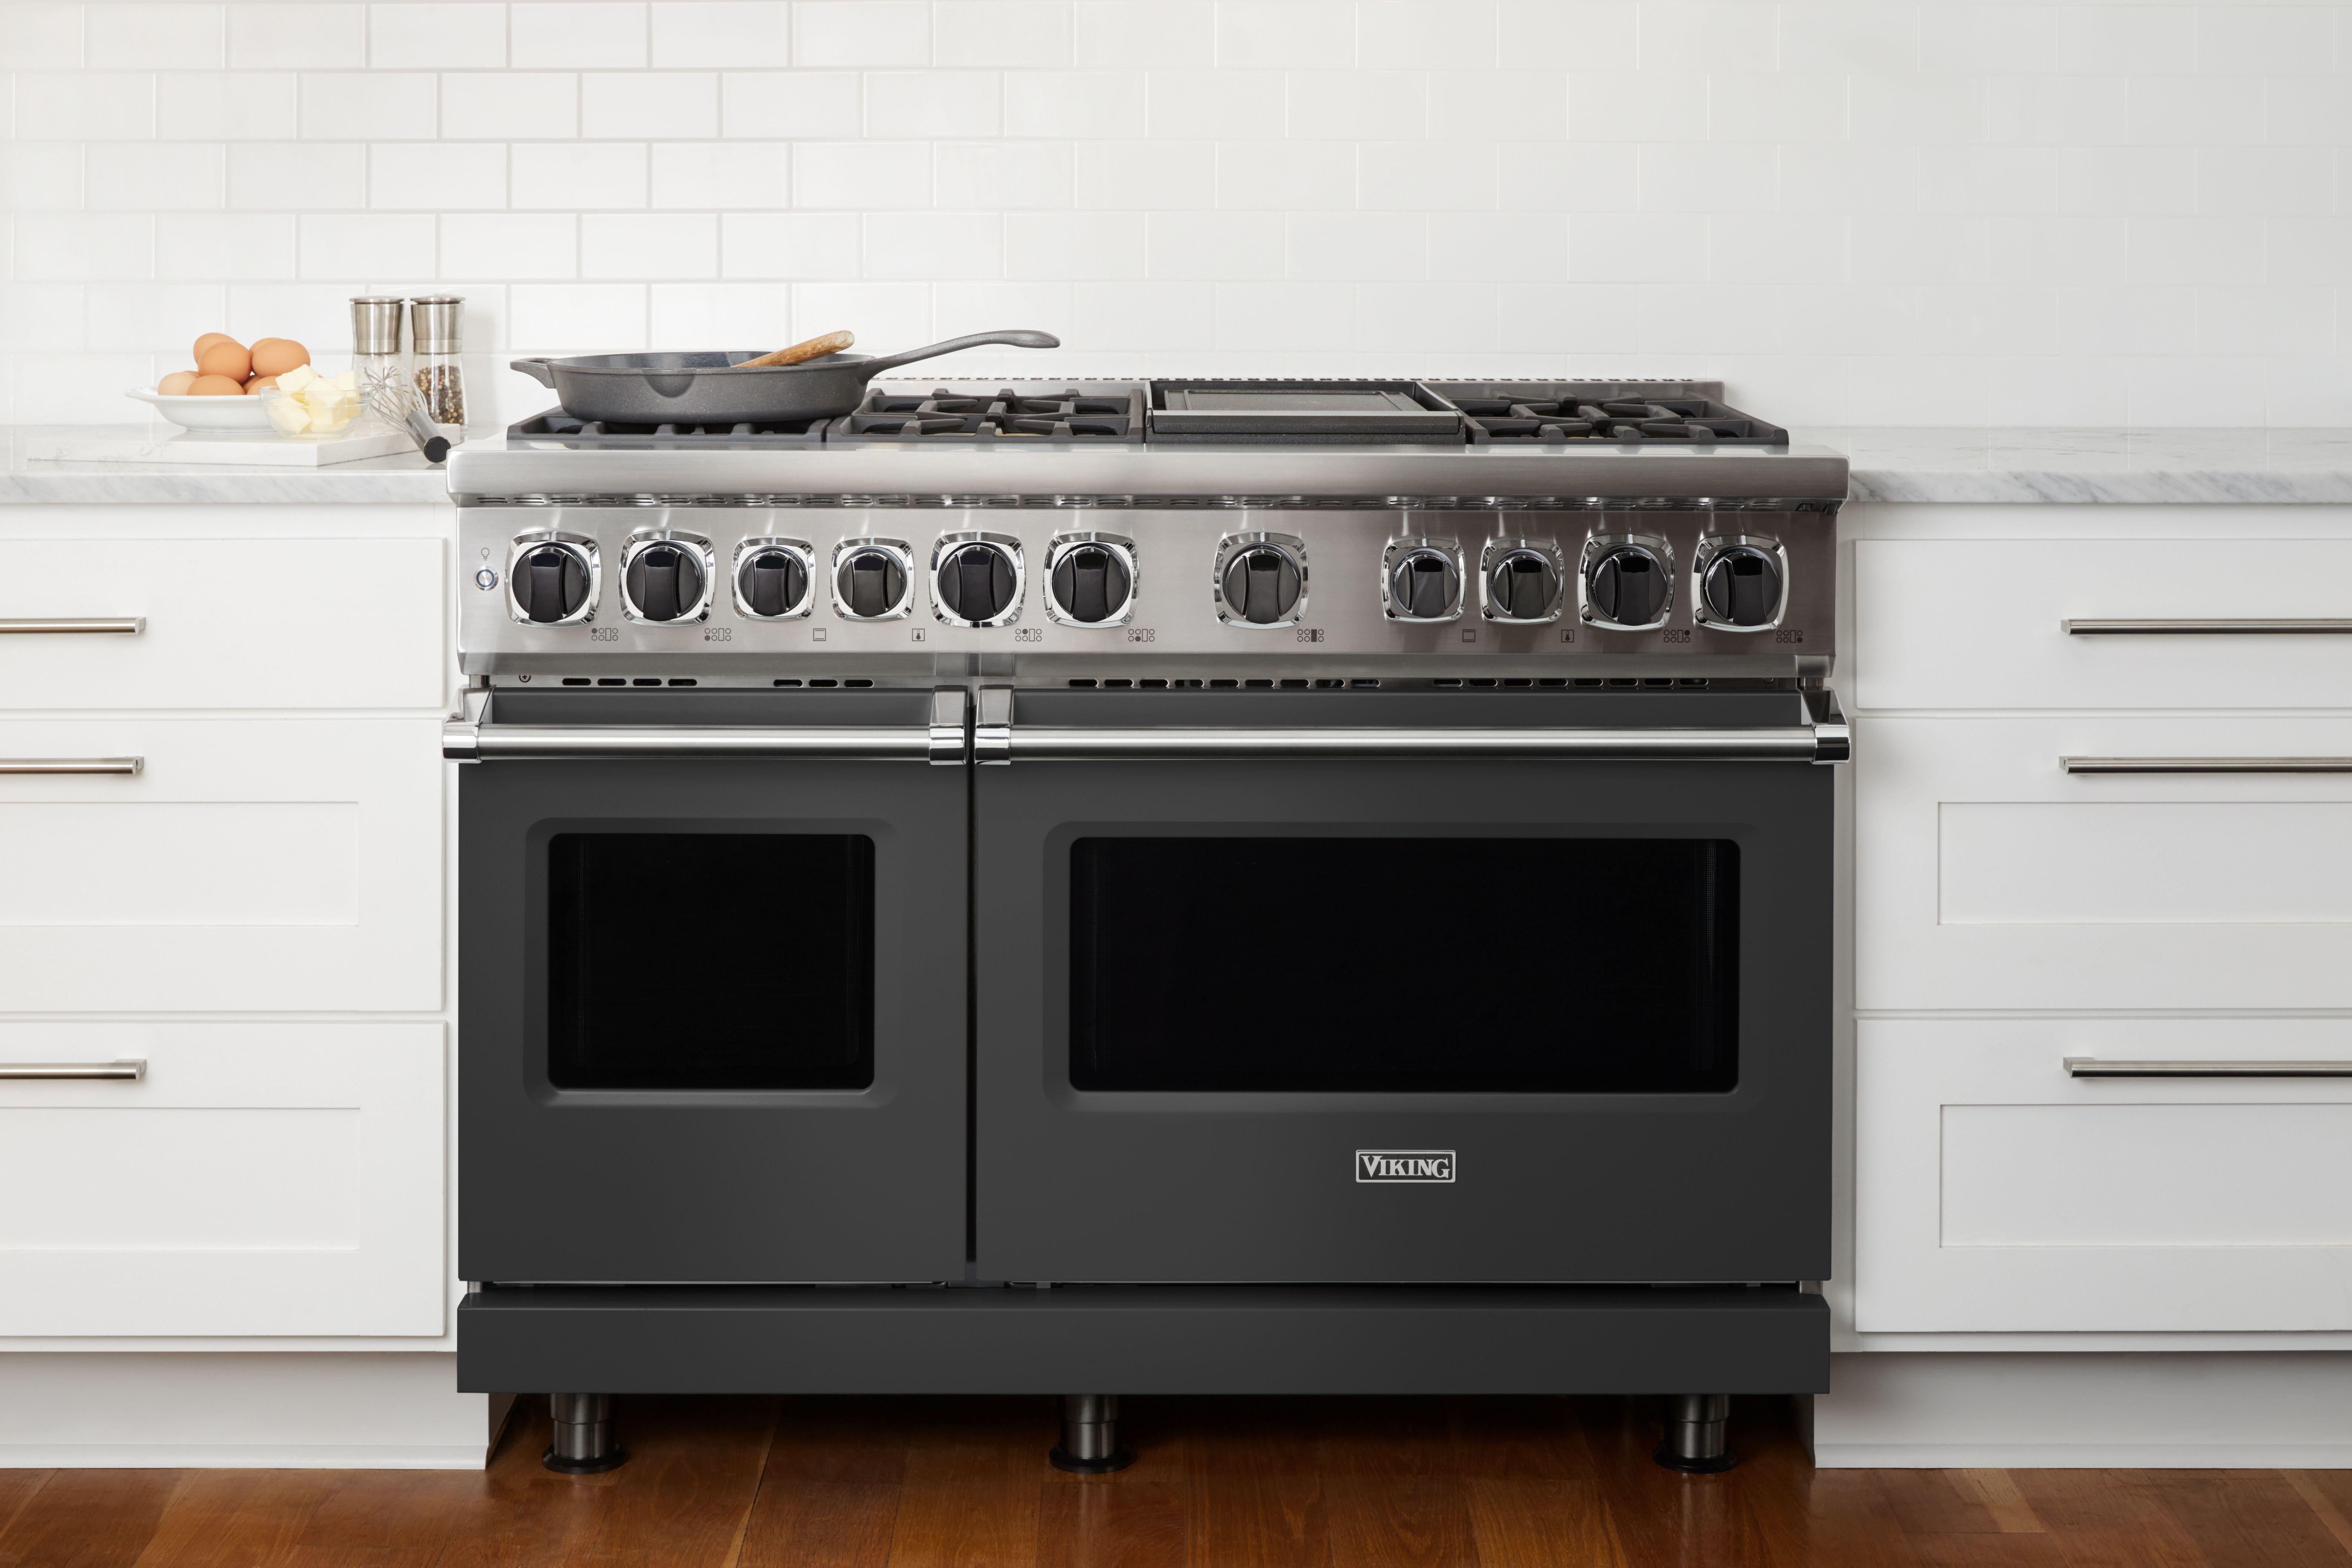 Viking Cast Black In 2021 Viking Kitchen Viking Range Kitchen